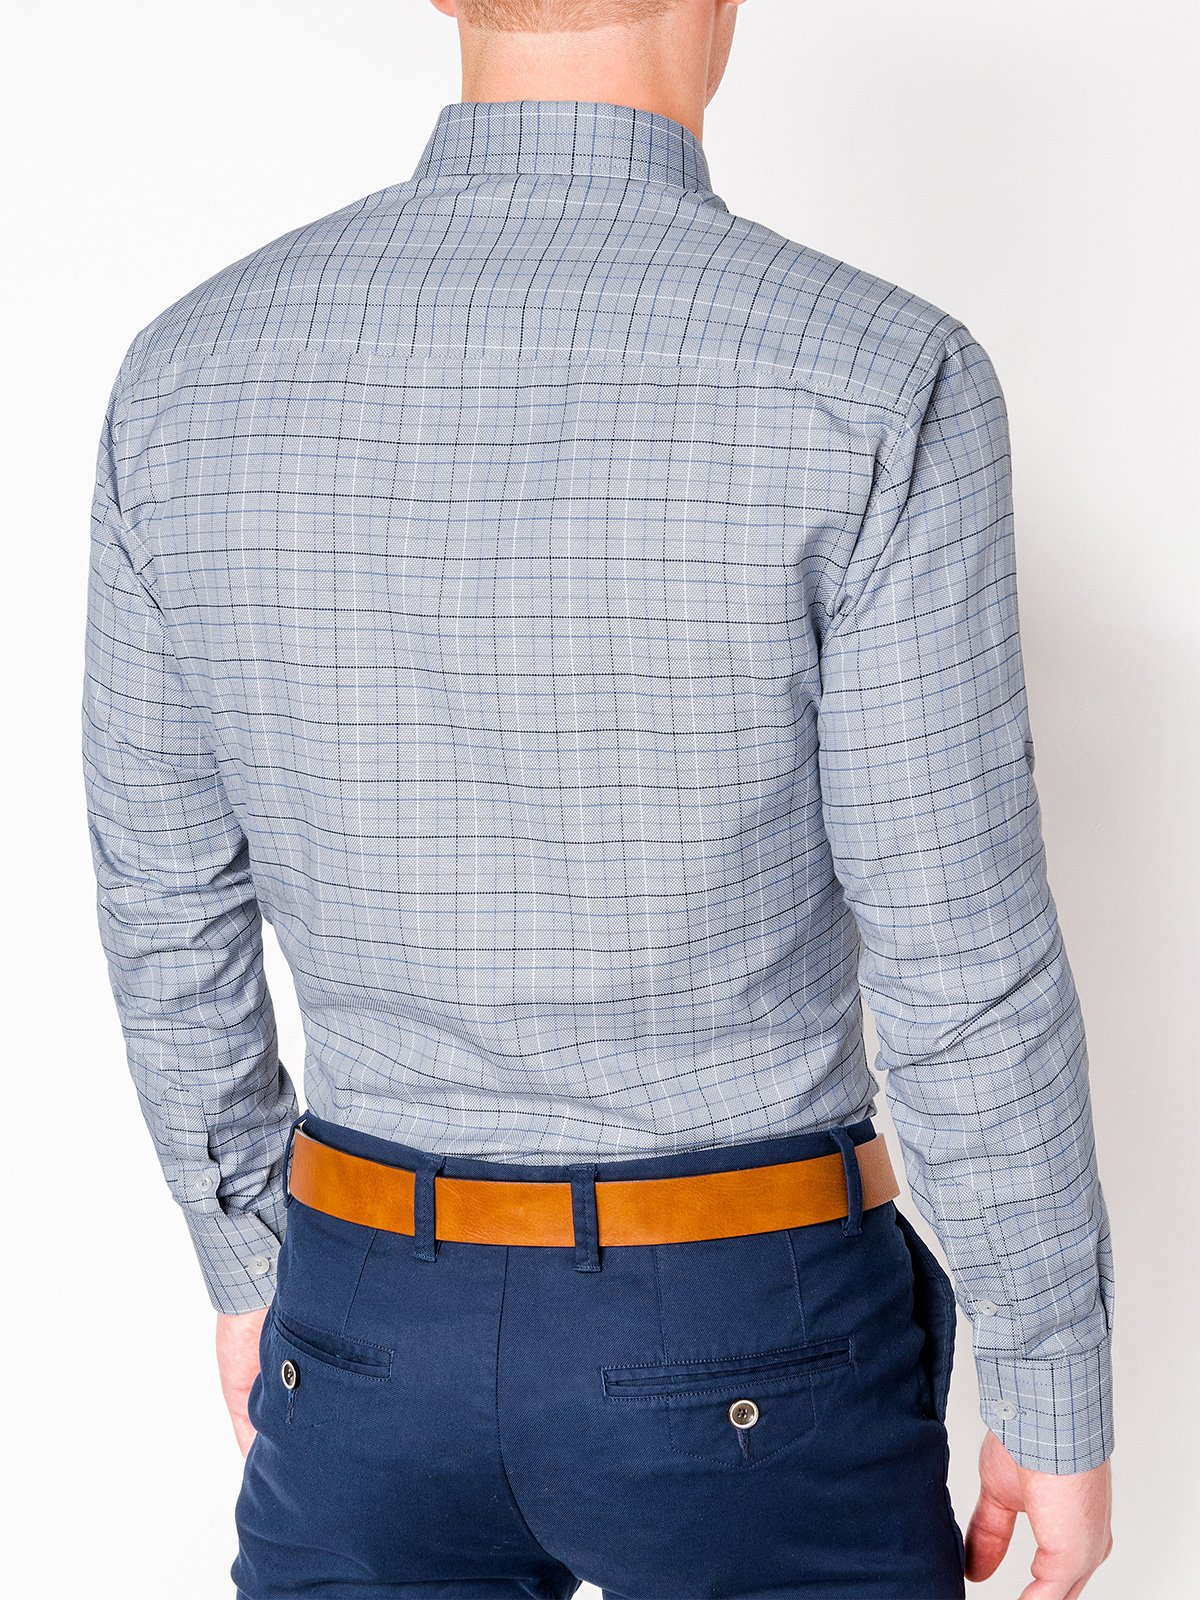 1b0f8e23ed9 Мужская рубашка в клеточку с длинным рукавом K433 - серая серый ...